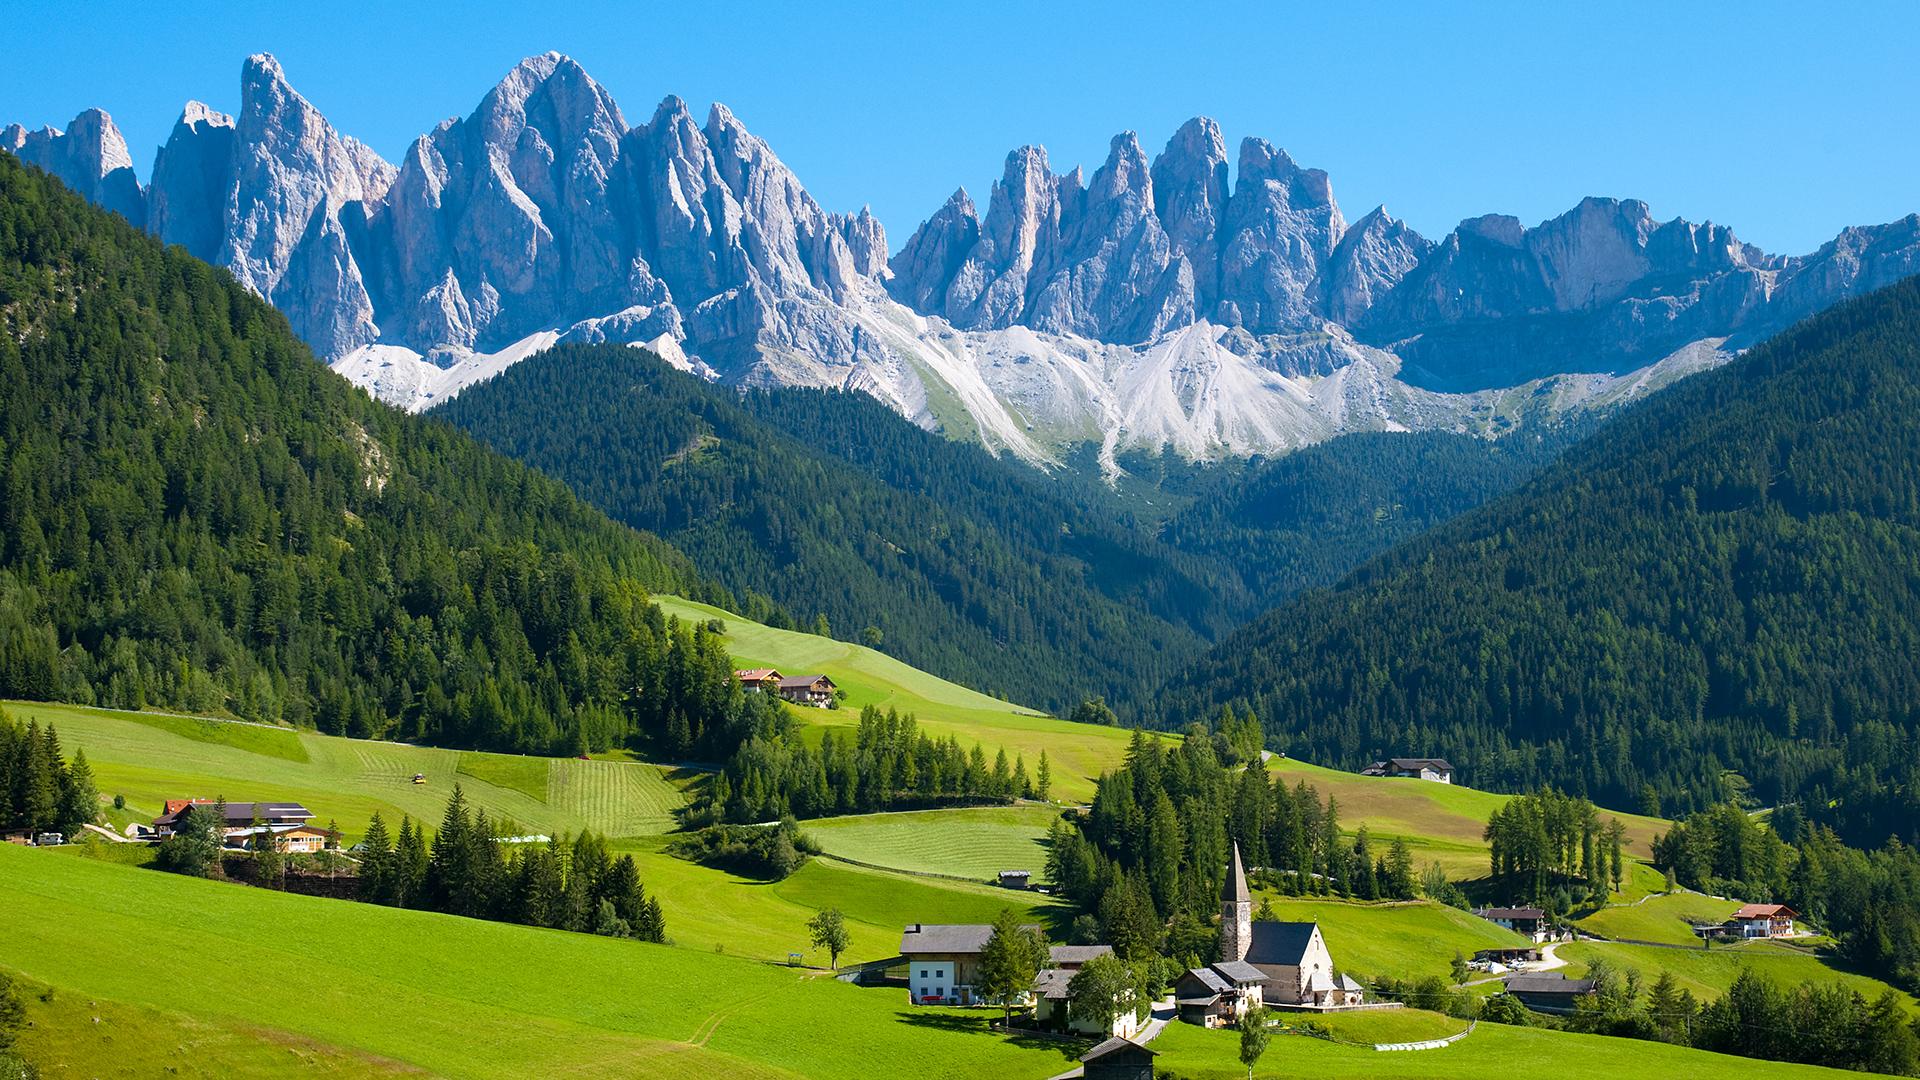 29 Swiss Landscape Wallpapers On Wallpapersafari